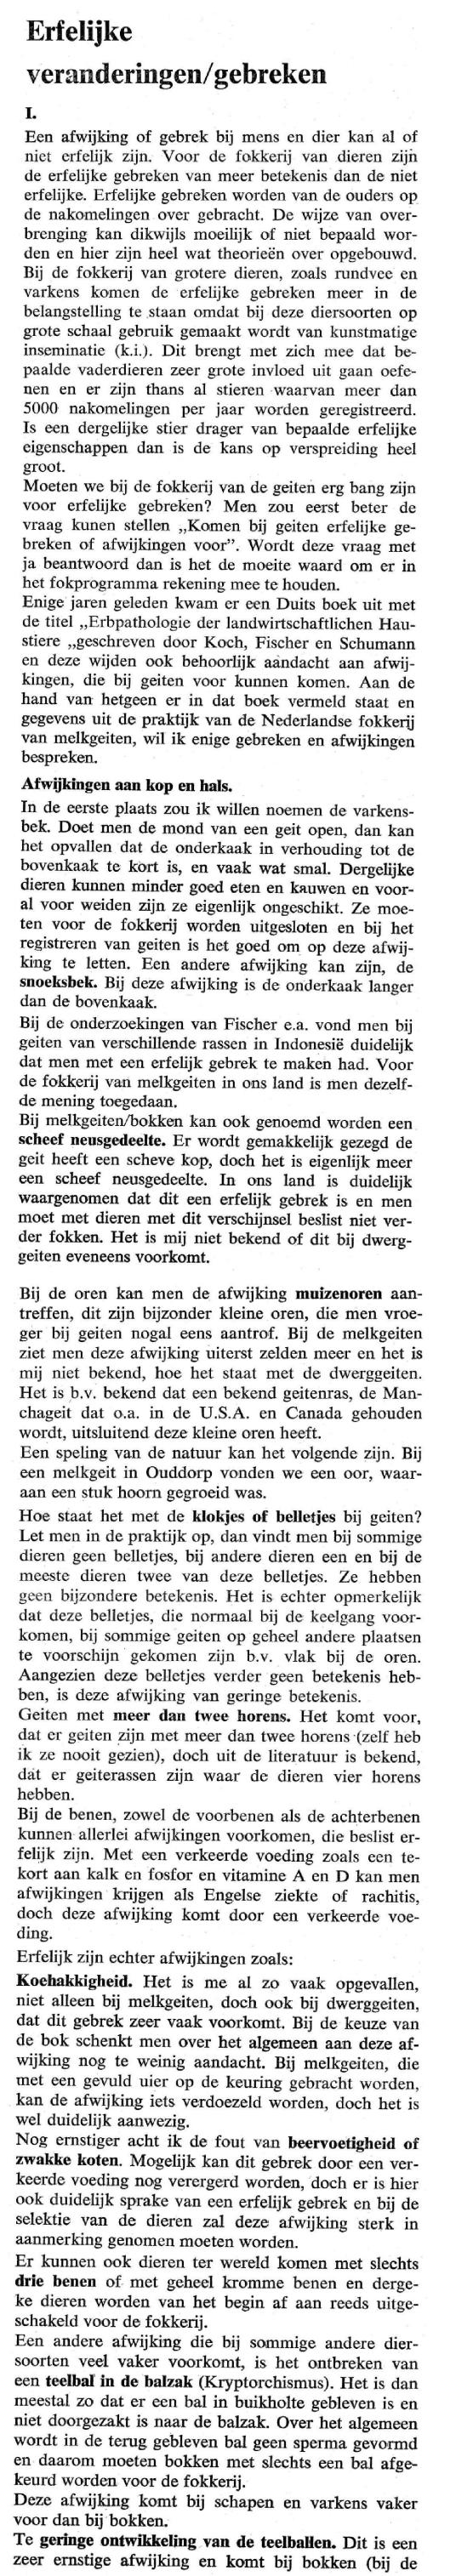 weblog-erfelijke-gebreken-en-afwijkingen-febr.-1978.page1_-2-e1545292067238.jpg